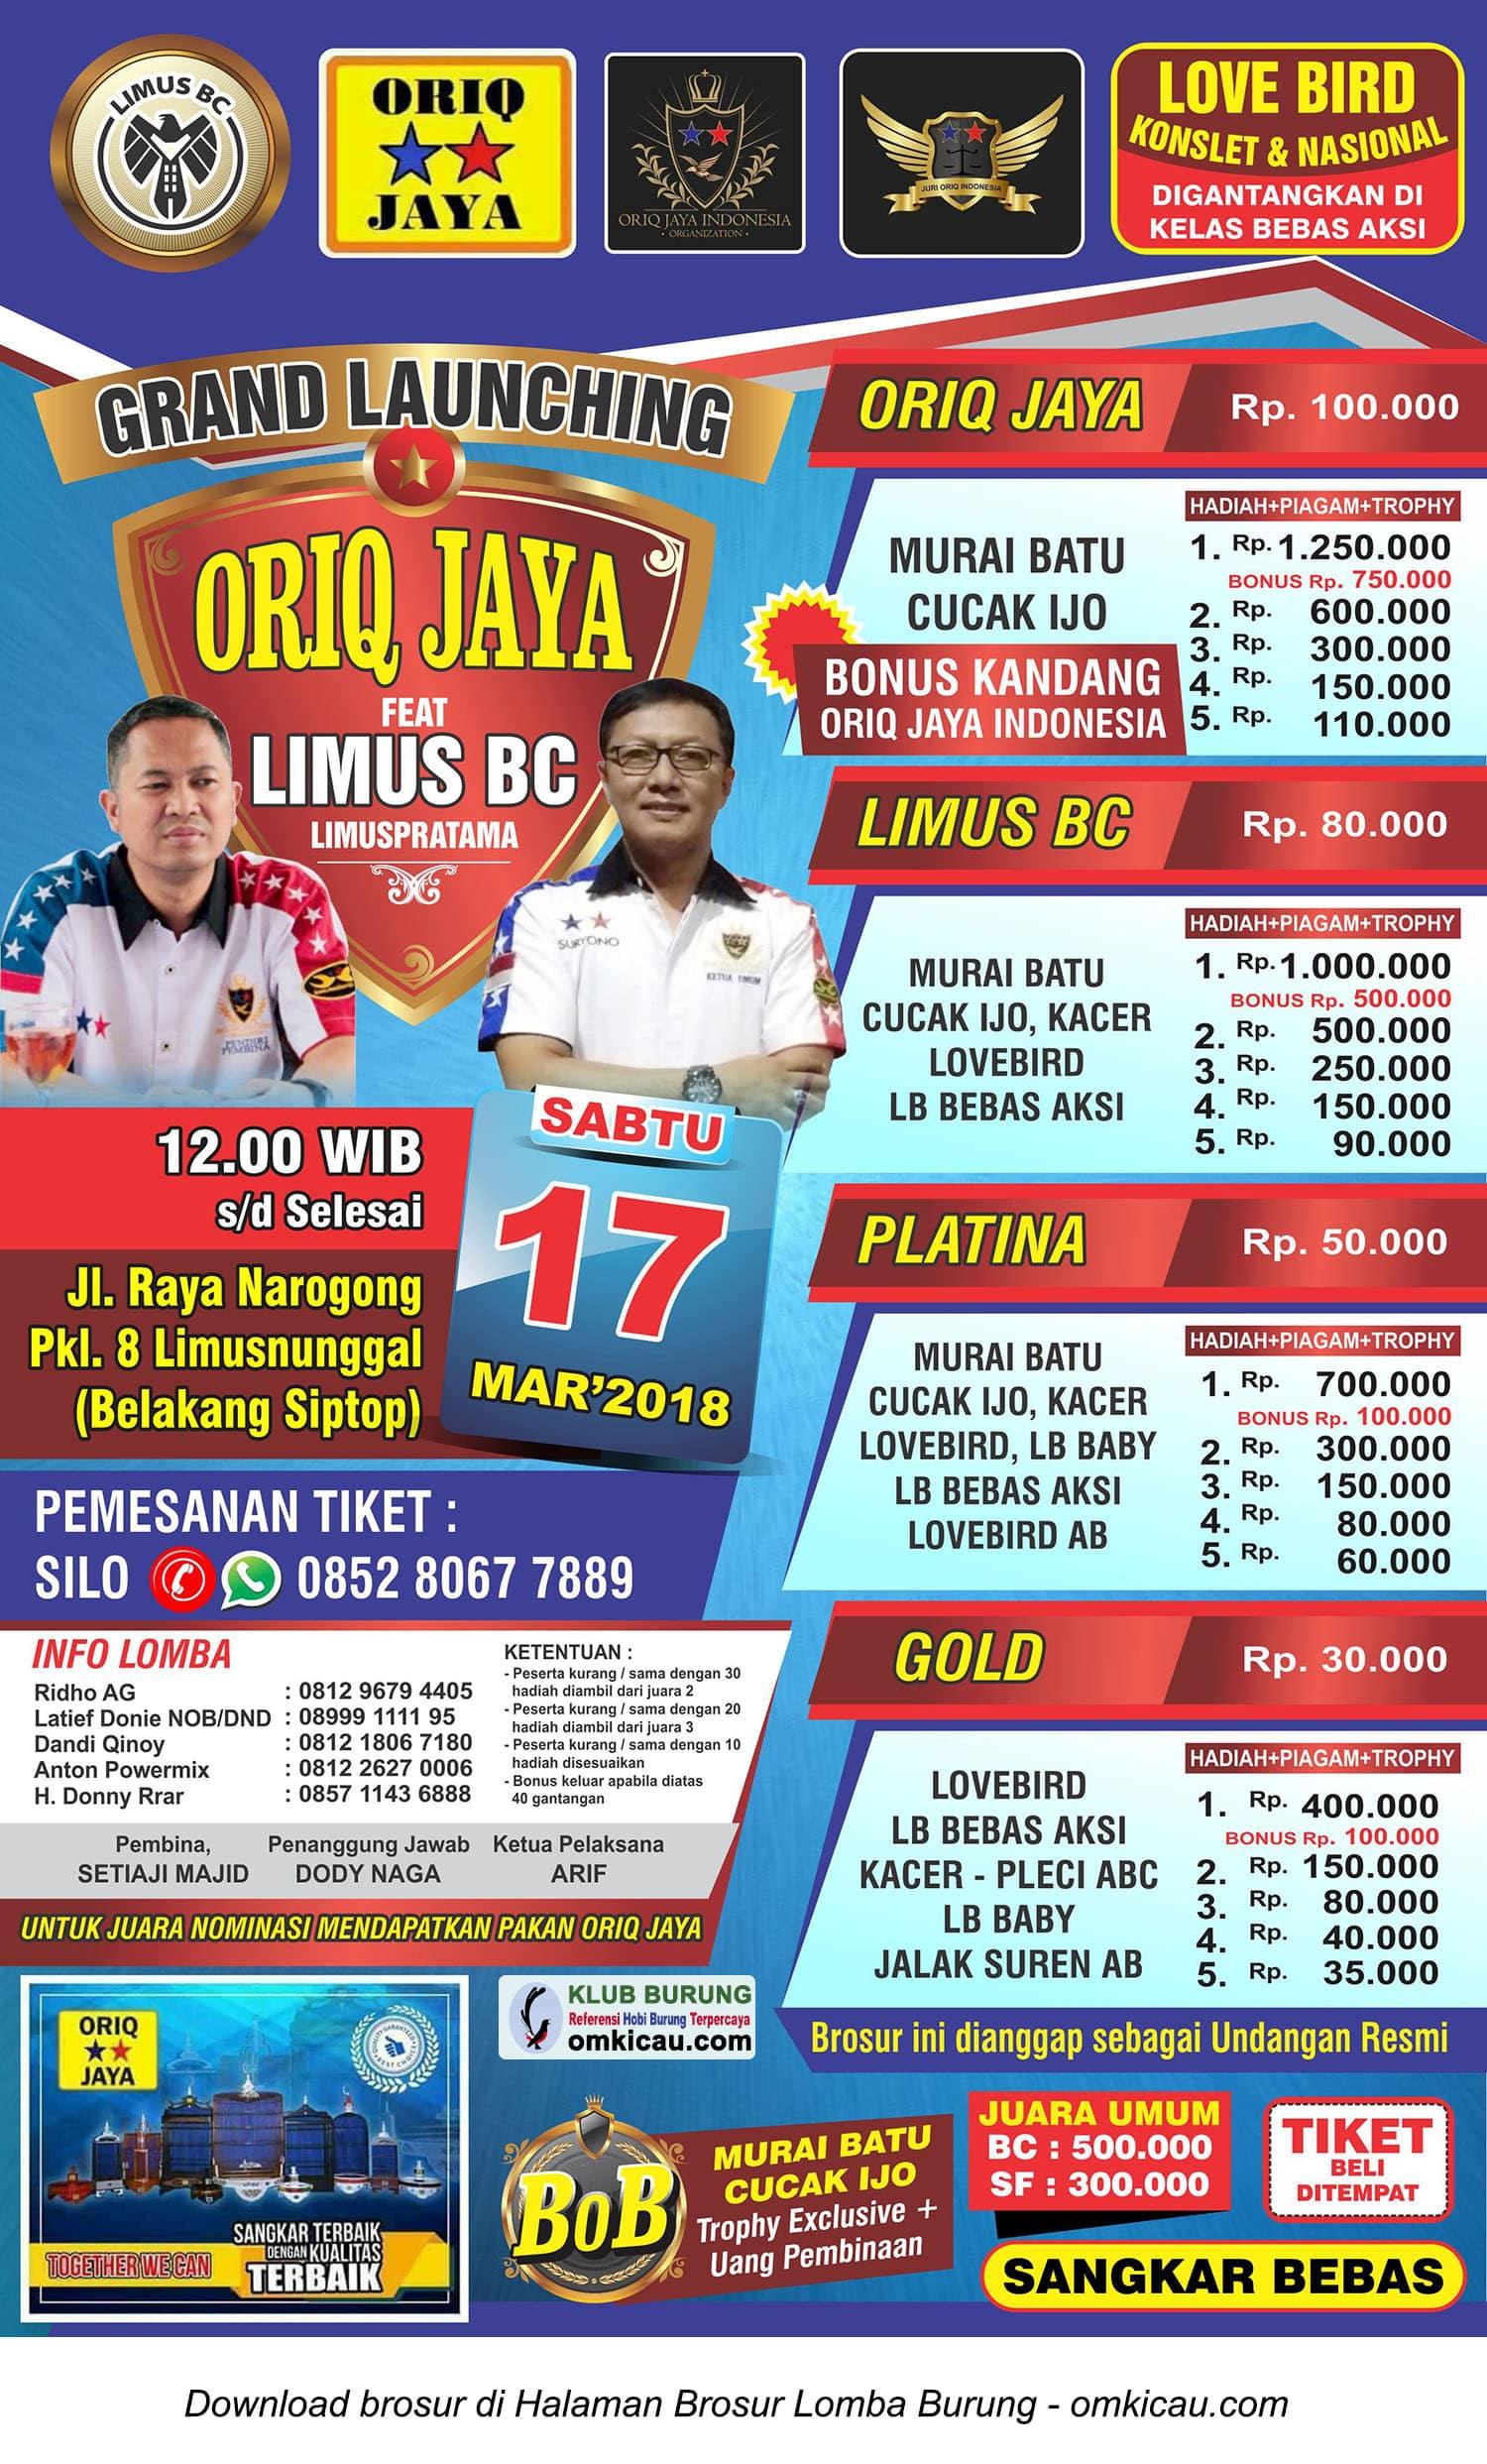 Grand Launching Oriq Jaya feat Limus BC